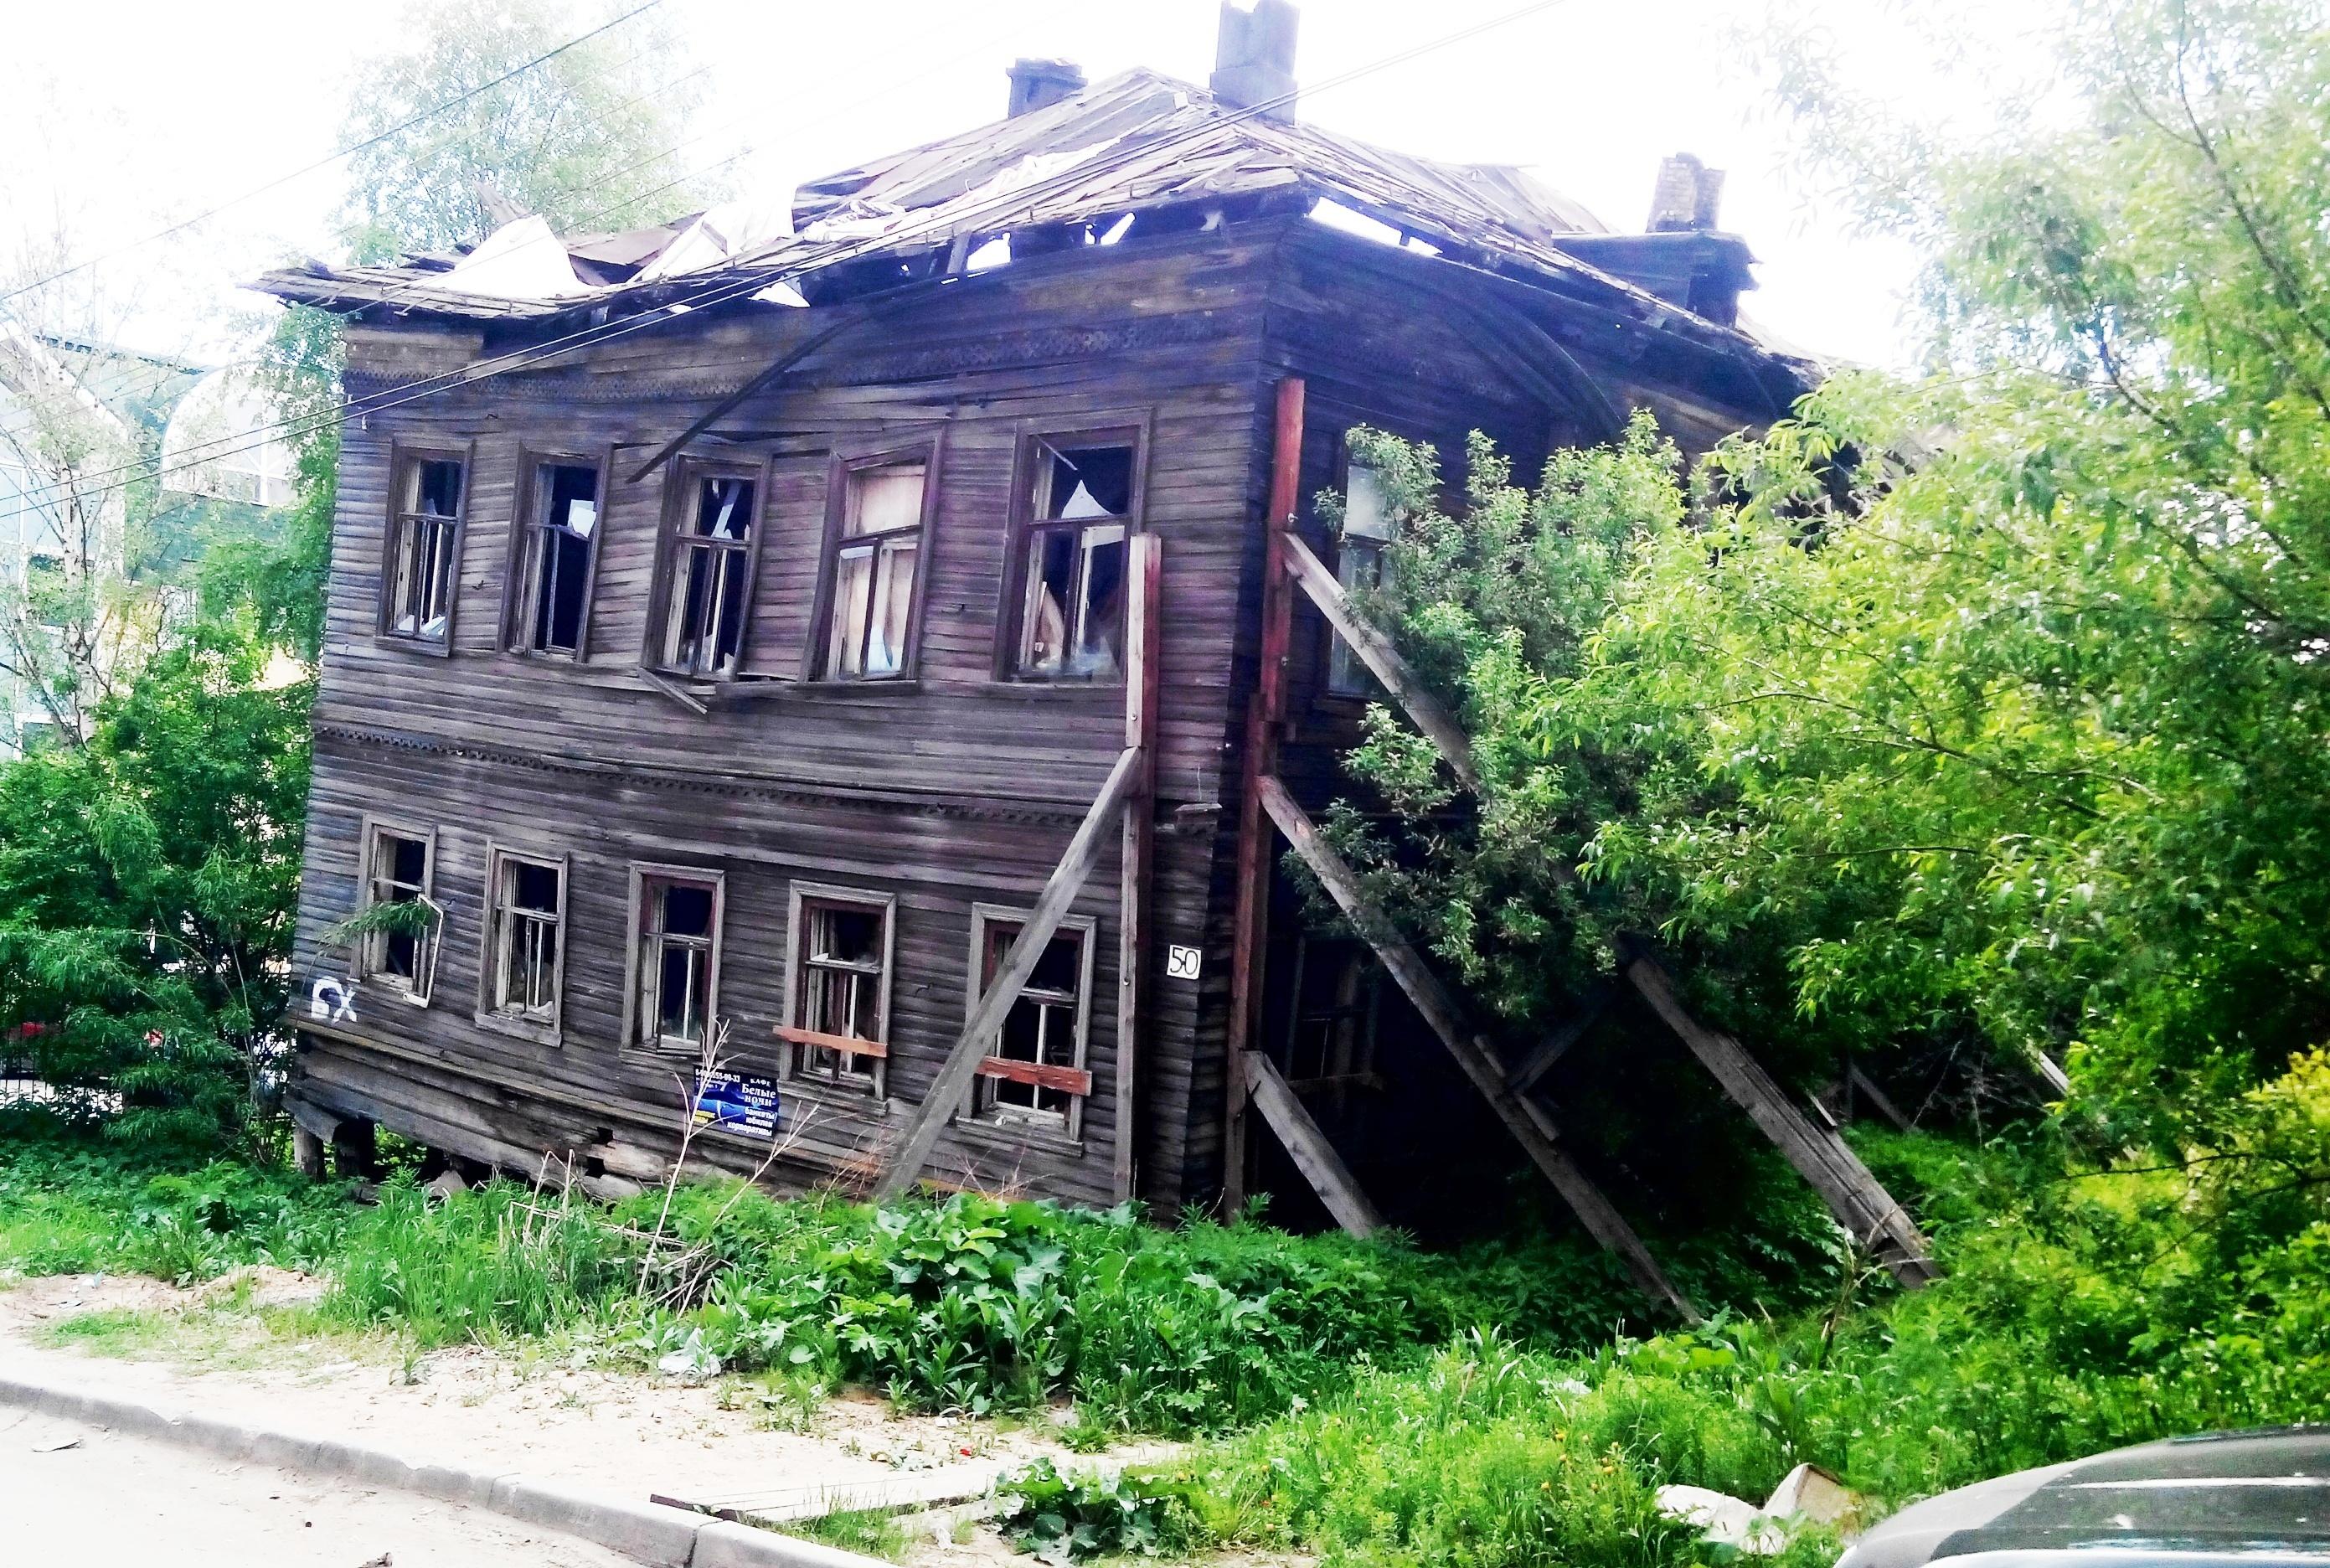 Обнародован список домов идущих под снос